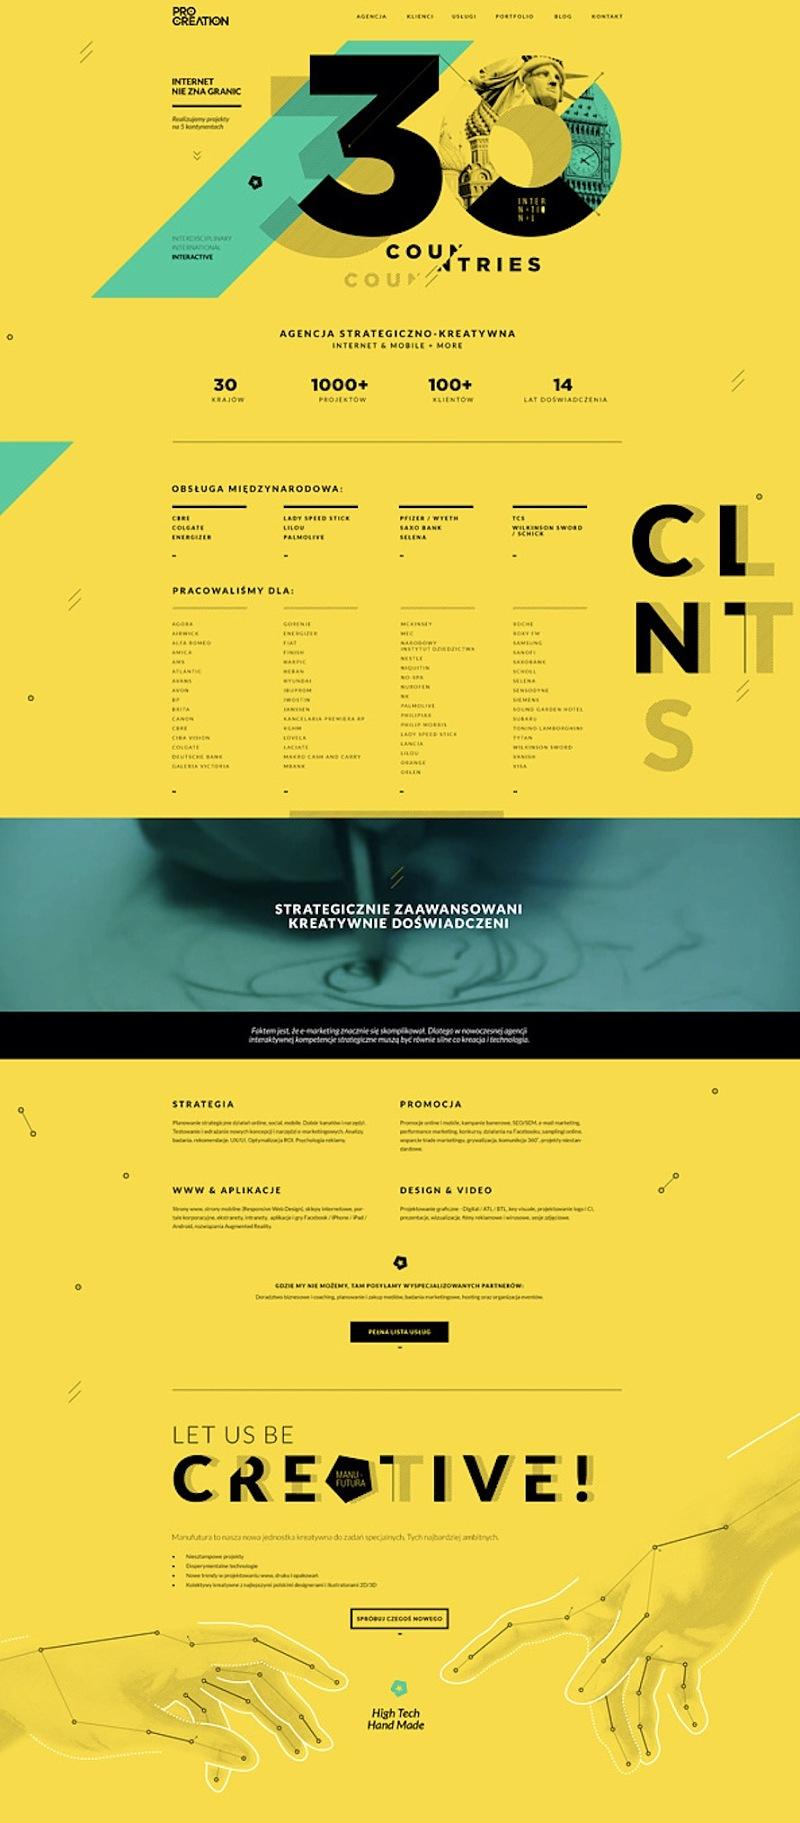 电商教程!3招搞定数字元素在Banner及专题页设计中的运用